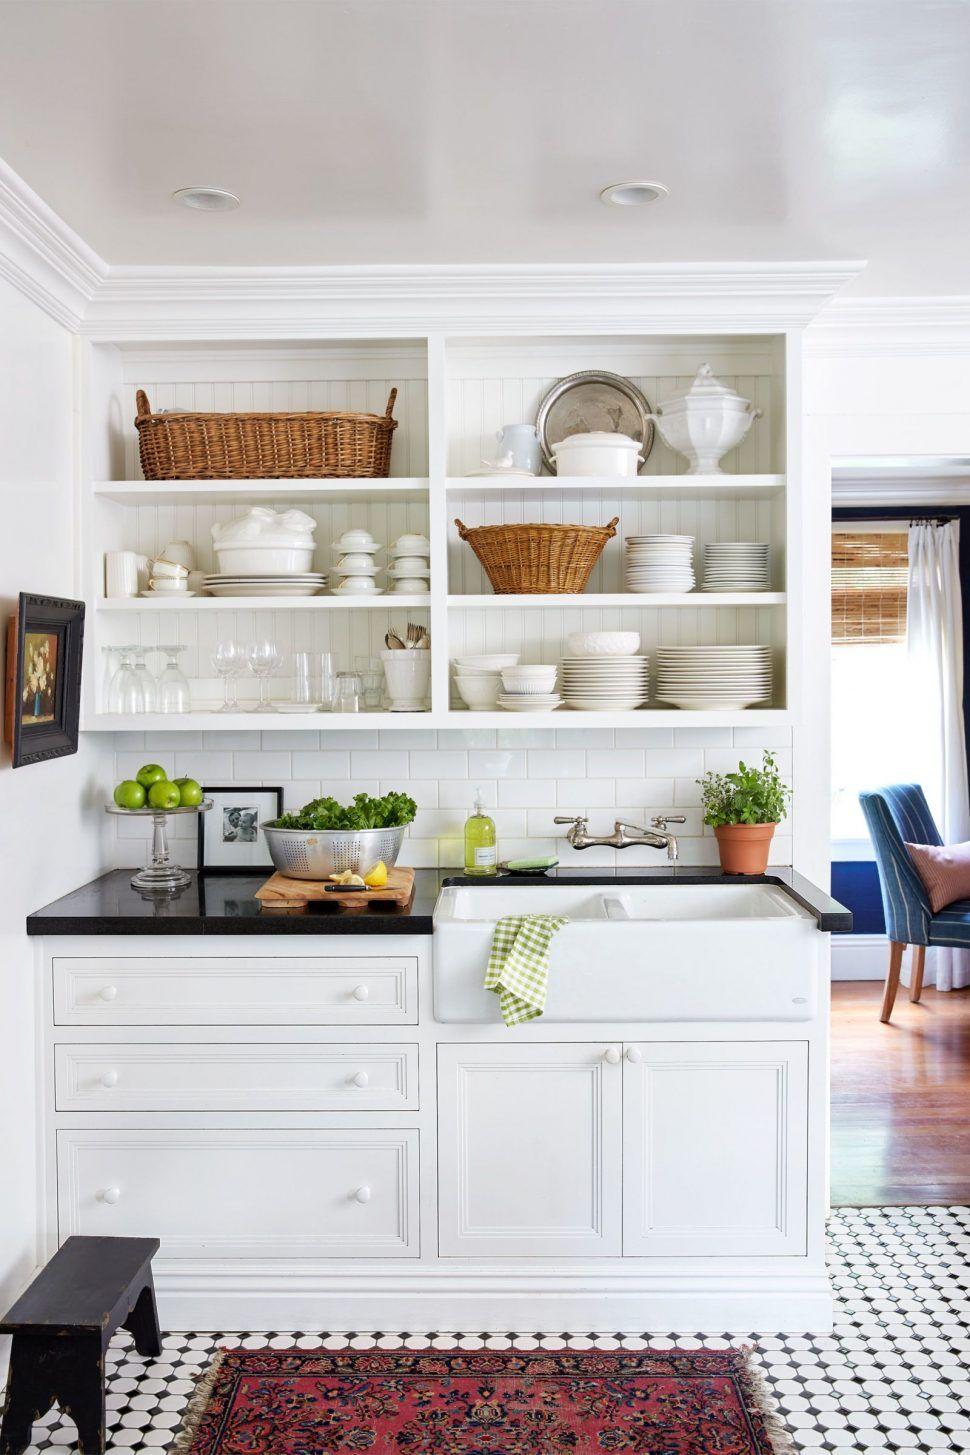 استفاده از قفسه های کوچک و بزرگ برای فضای آماده سازی در دیزاین یک آشپزخانه کوچک